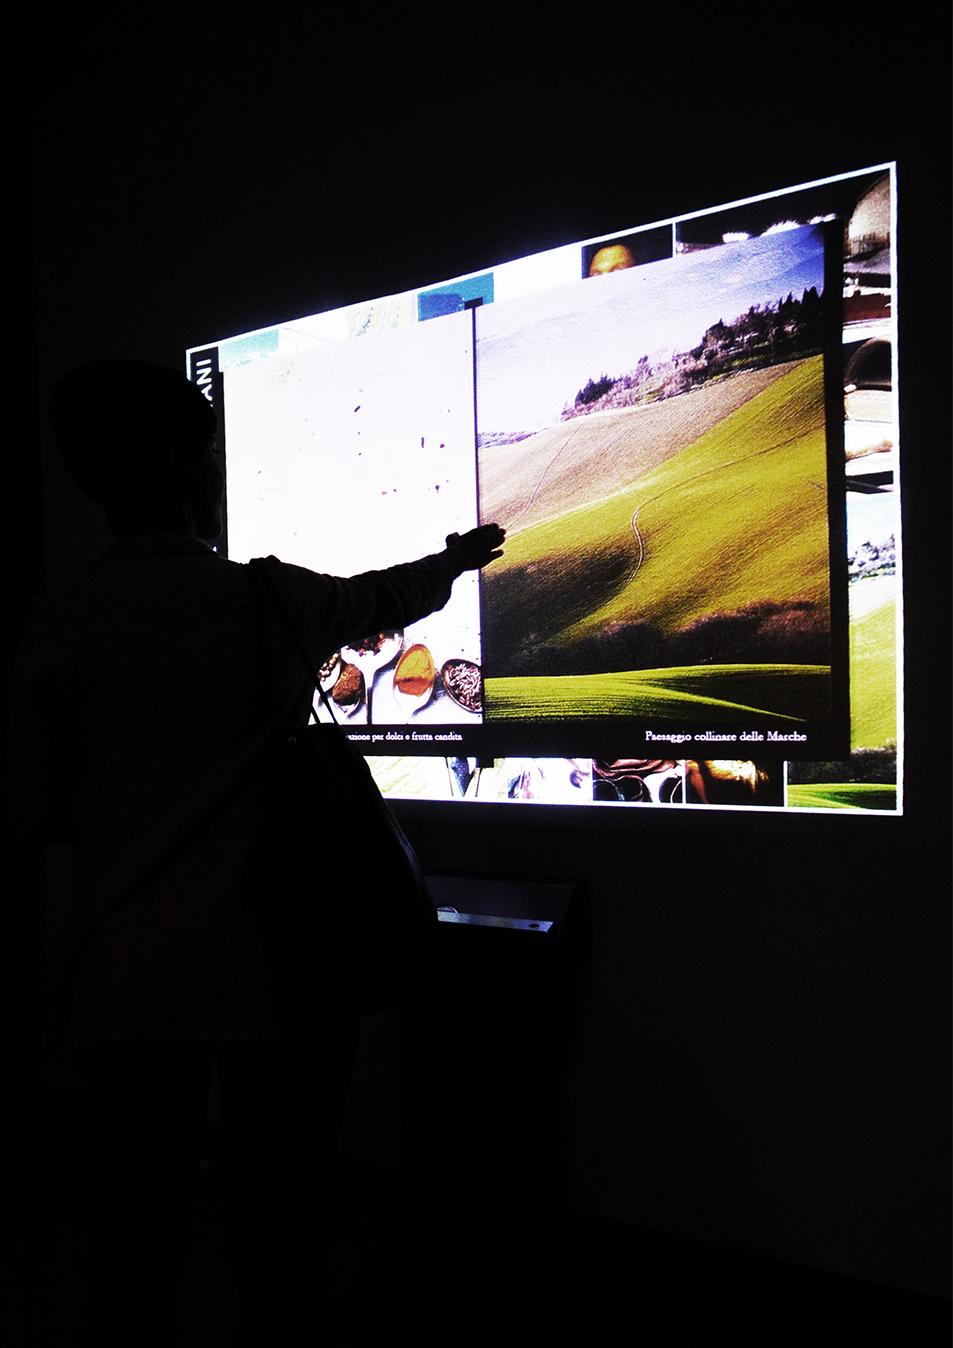 Italian Makers Village. realtà virtuale aumentata con il catalogo delle Eccellenze marchigiane.